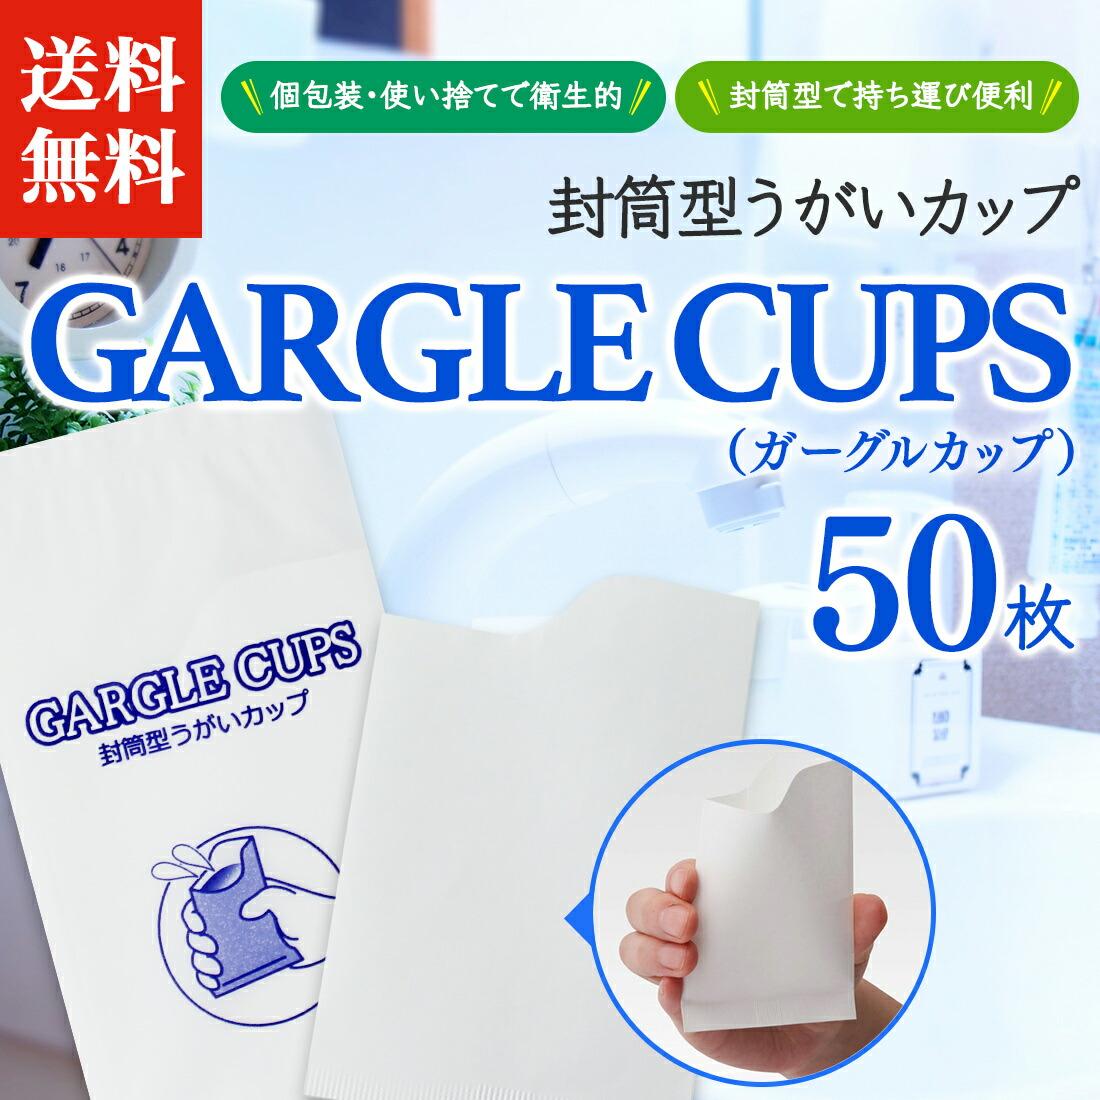 封筒型うがいカップ「GARGLE CUPS」50枚セット